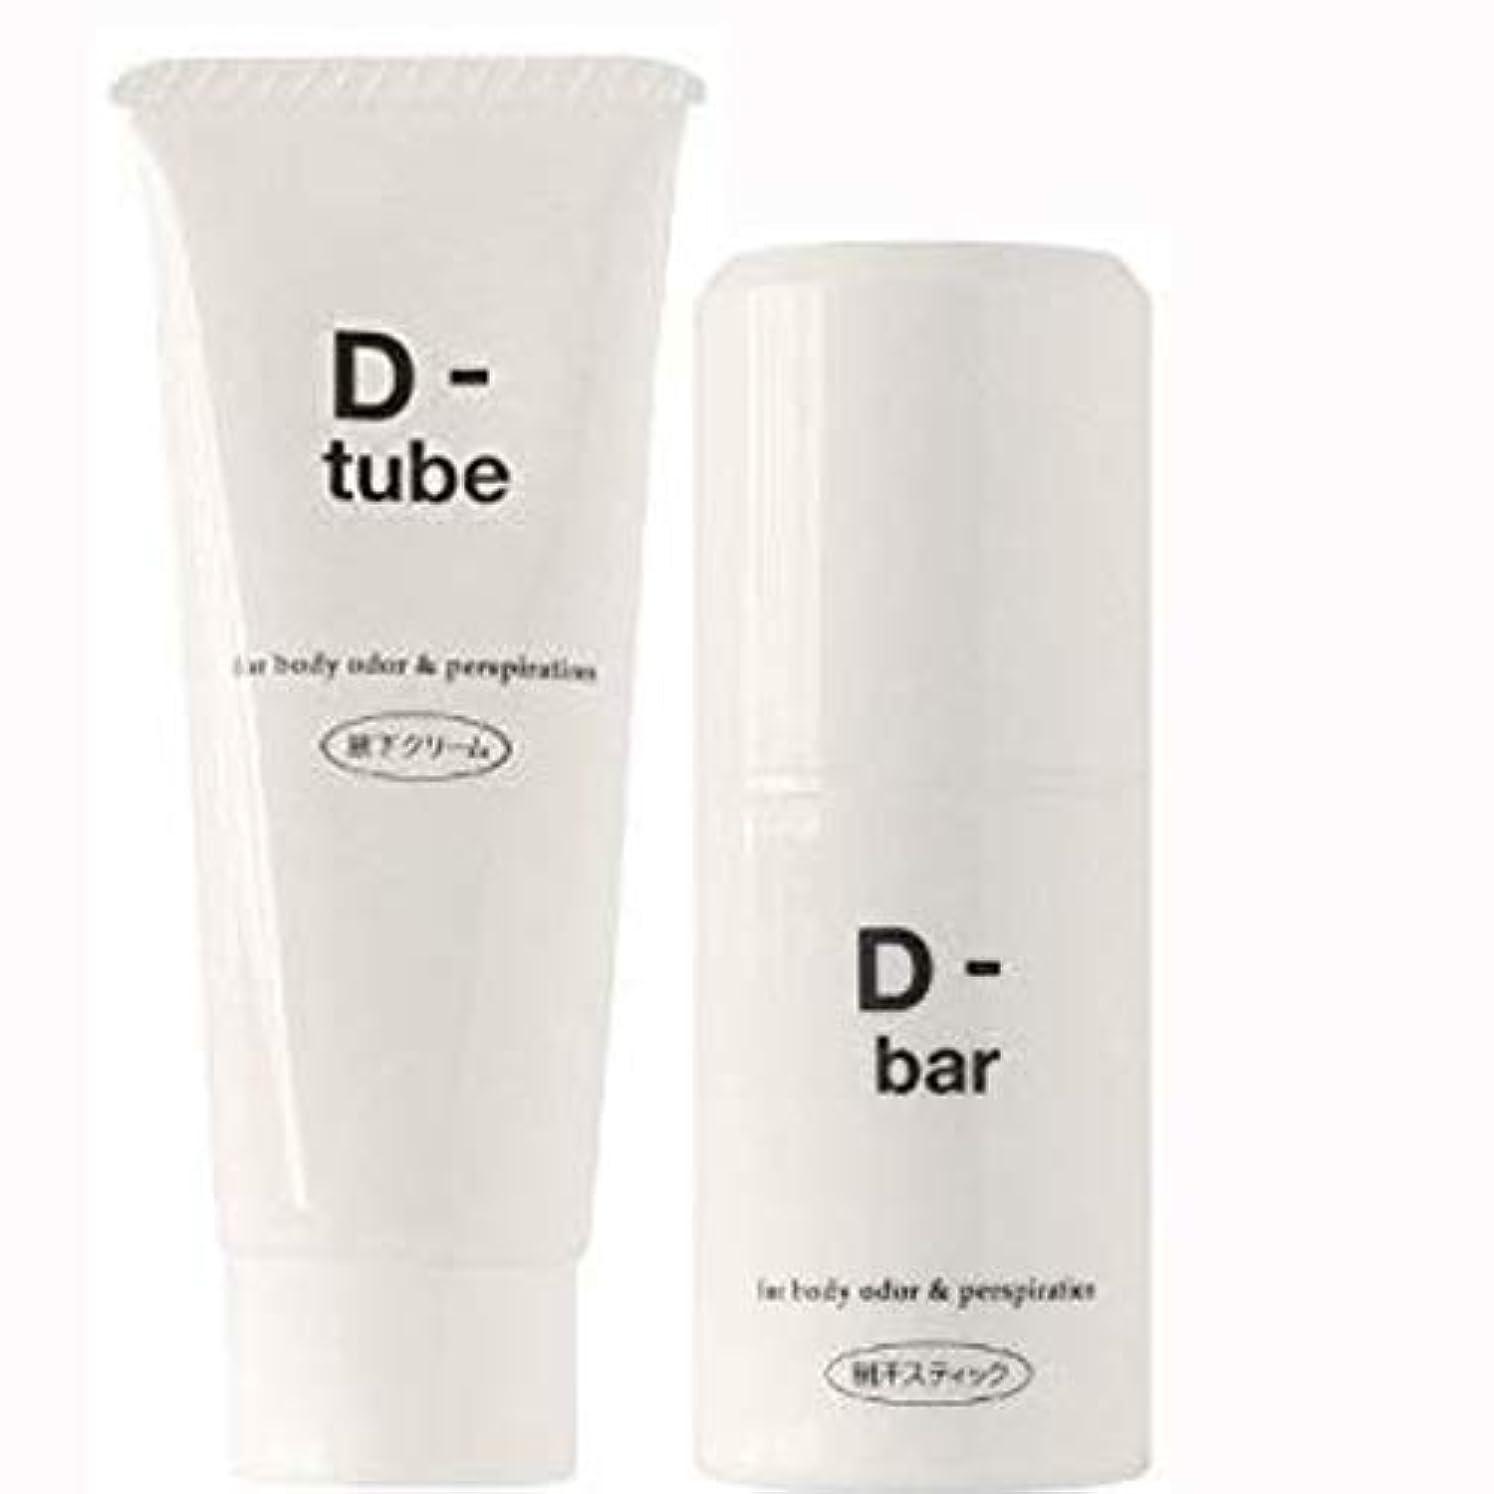 ぬるいメルボルン積極的に【セット】ディーチューブ(D-tube)+ディーバーセット(4511116760024+4511116760017)